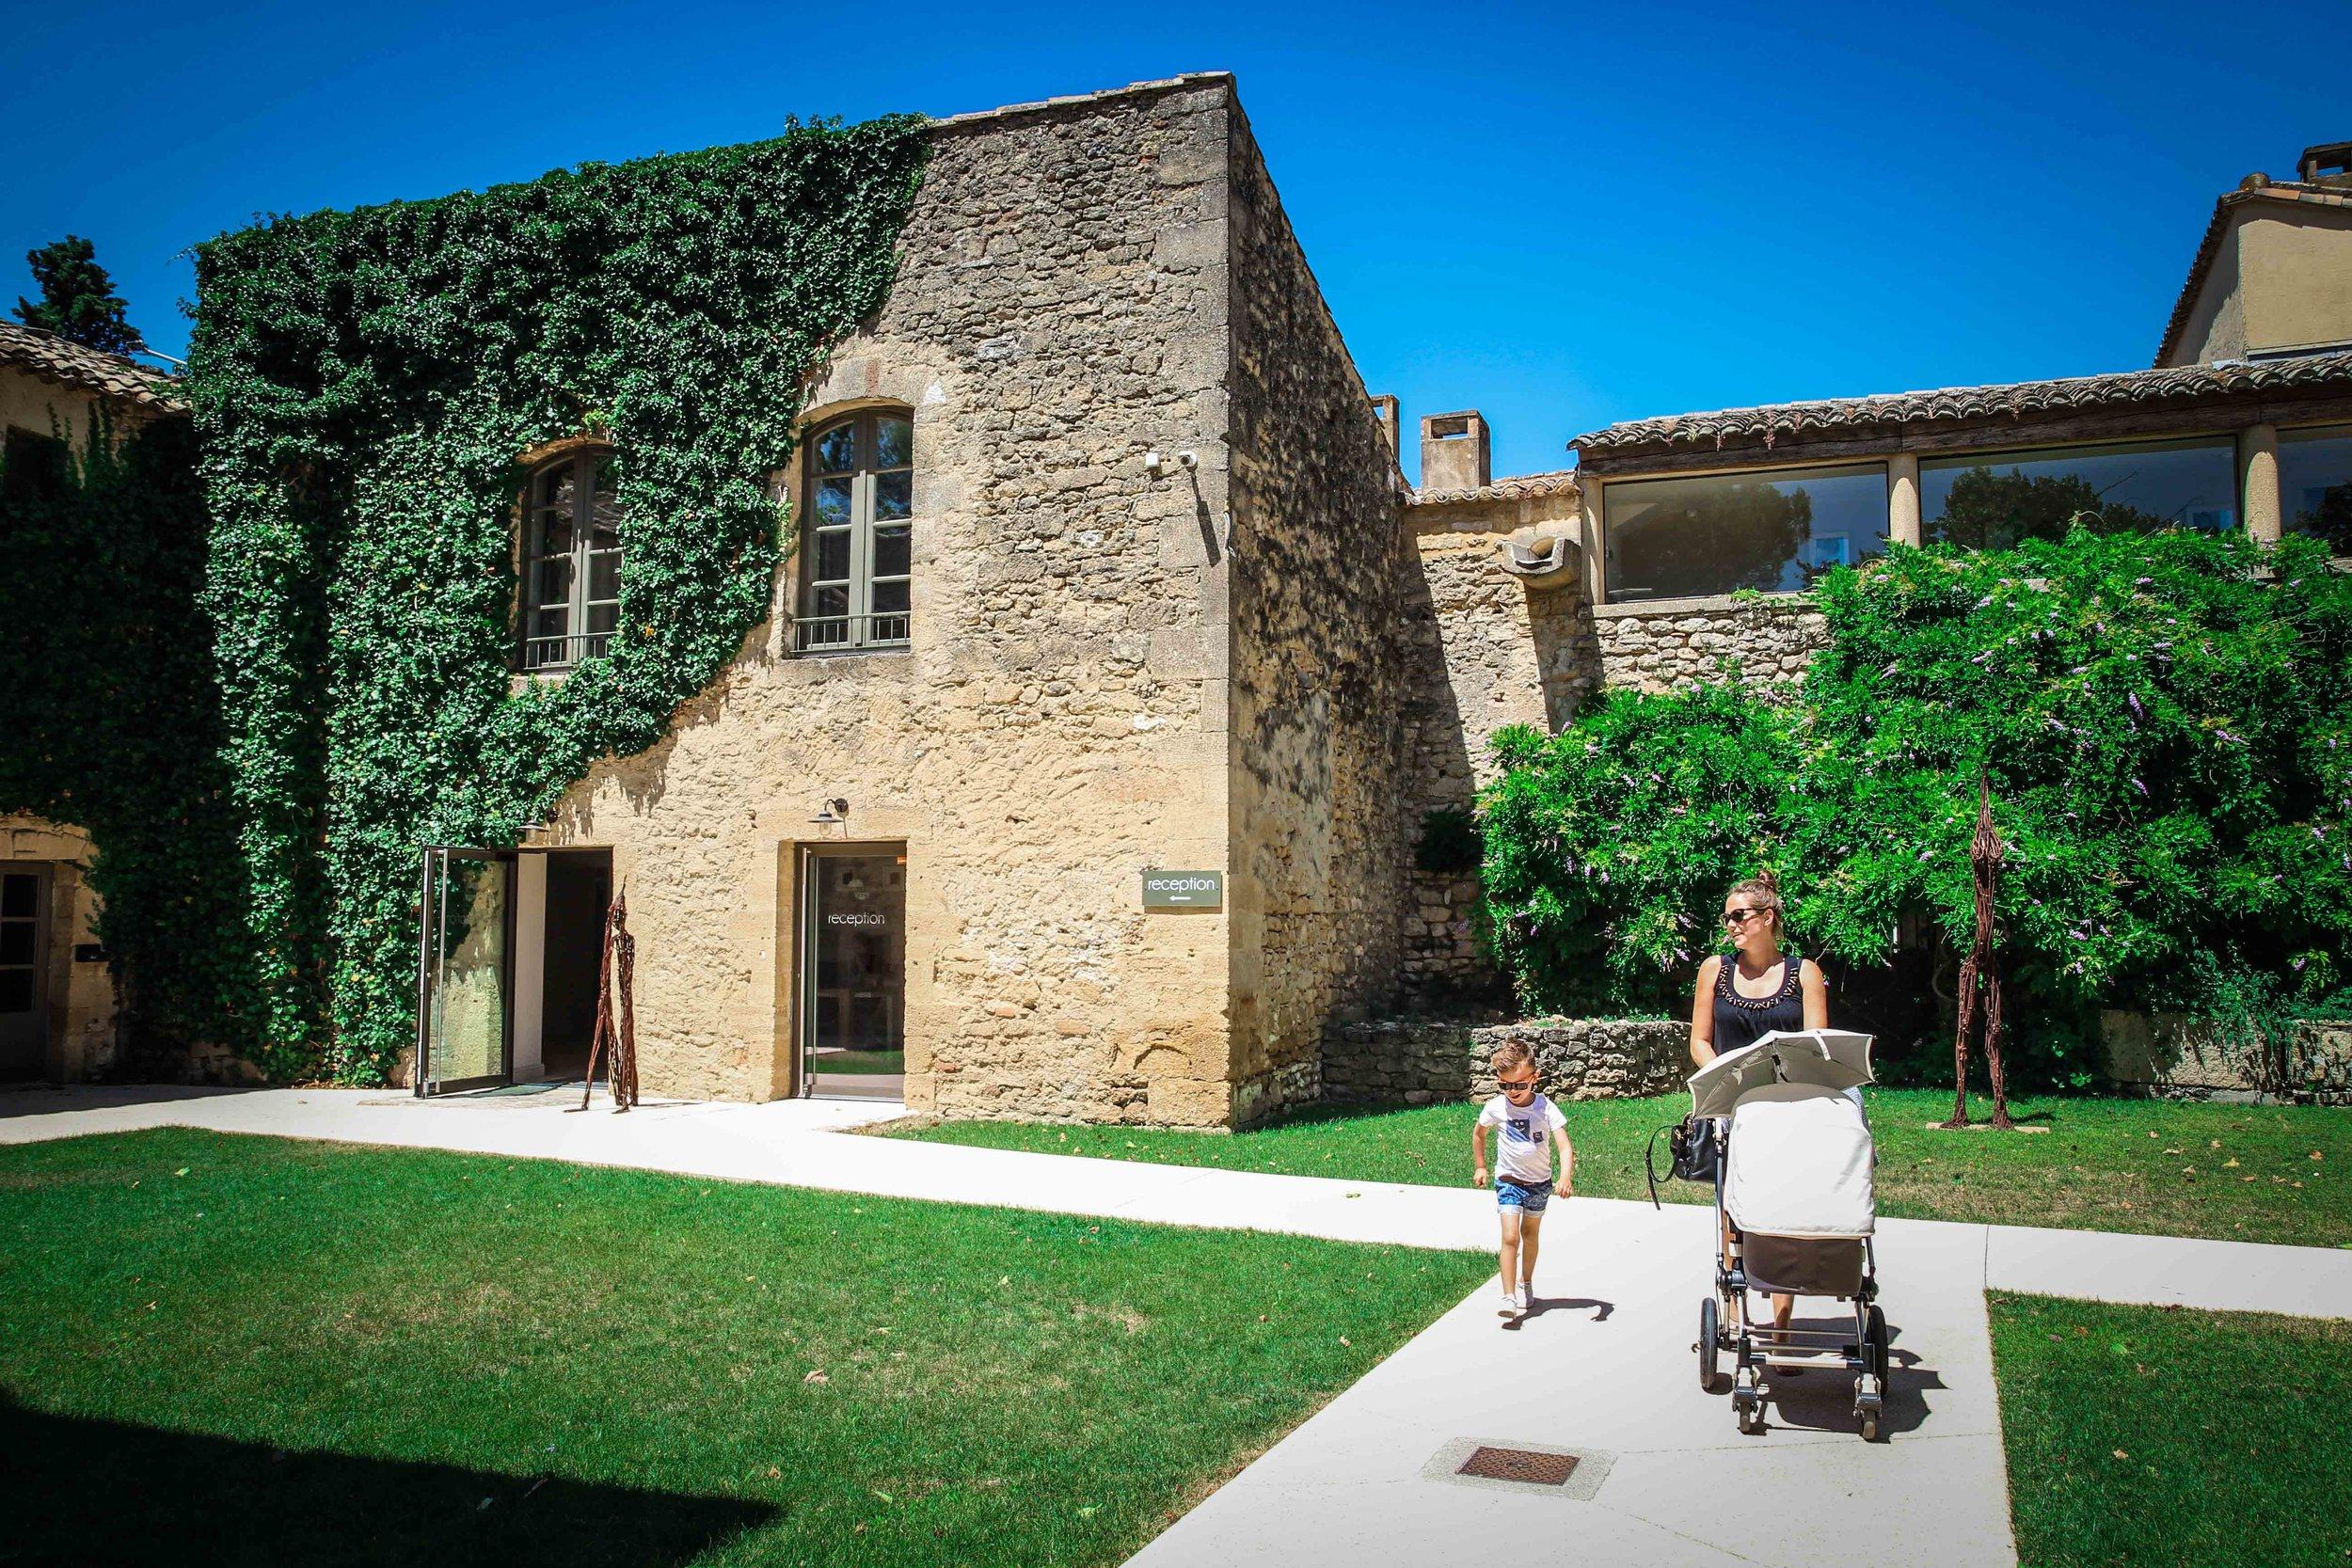 Tuinen - idyllische hotels - La bégude Saint Pierre - Reizen met kinderen